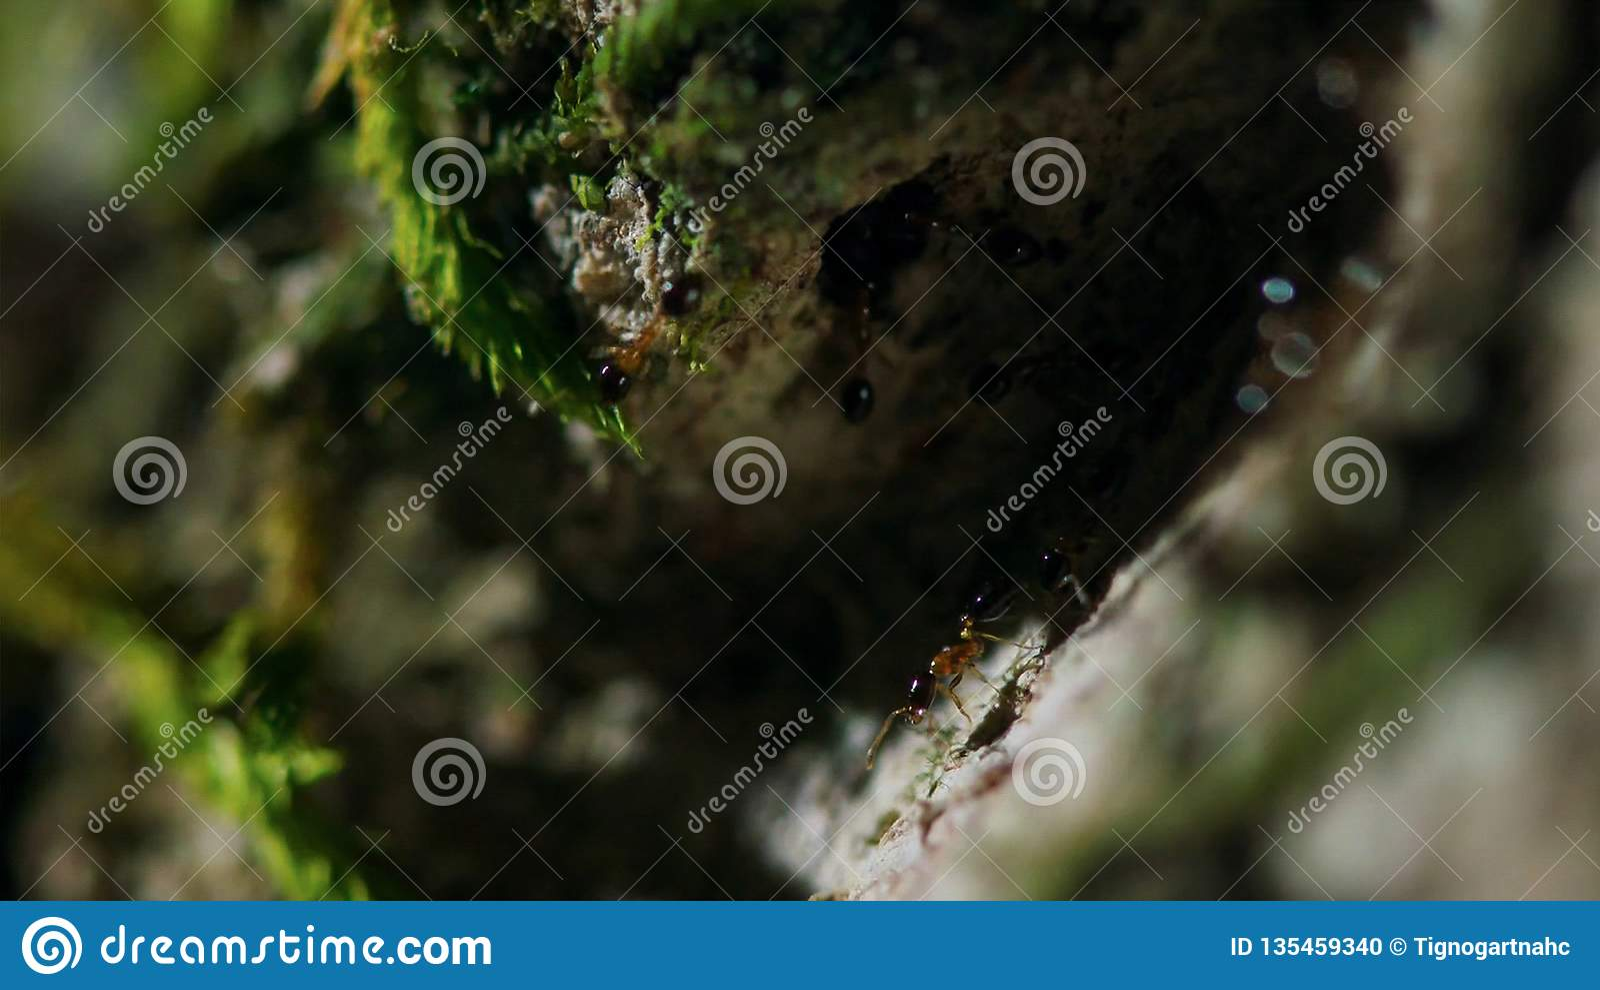 Ameisen tragen Eier auf einem Baum im tropischen Regenwald